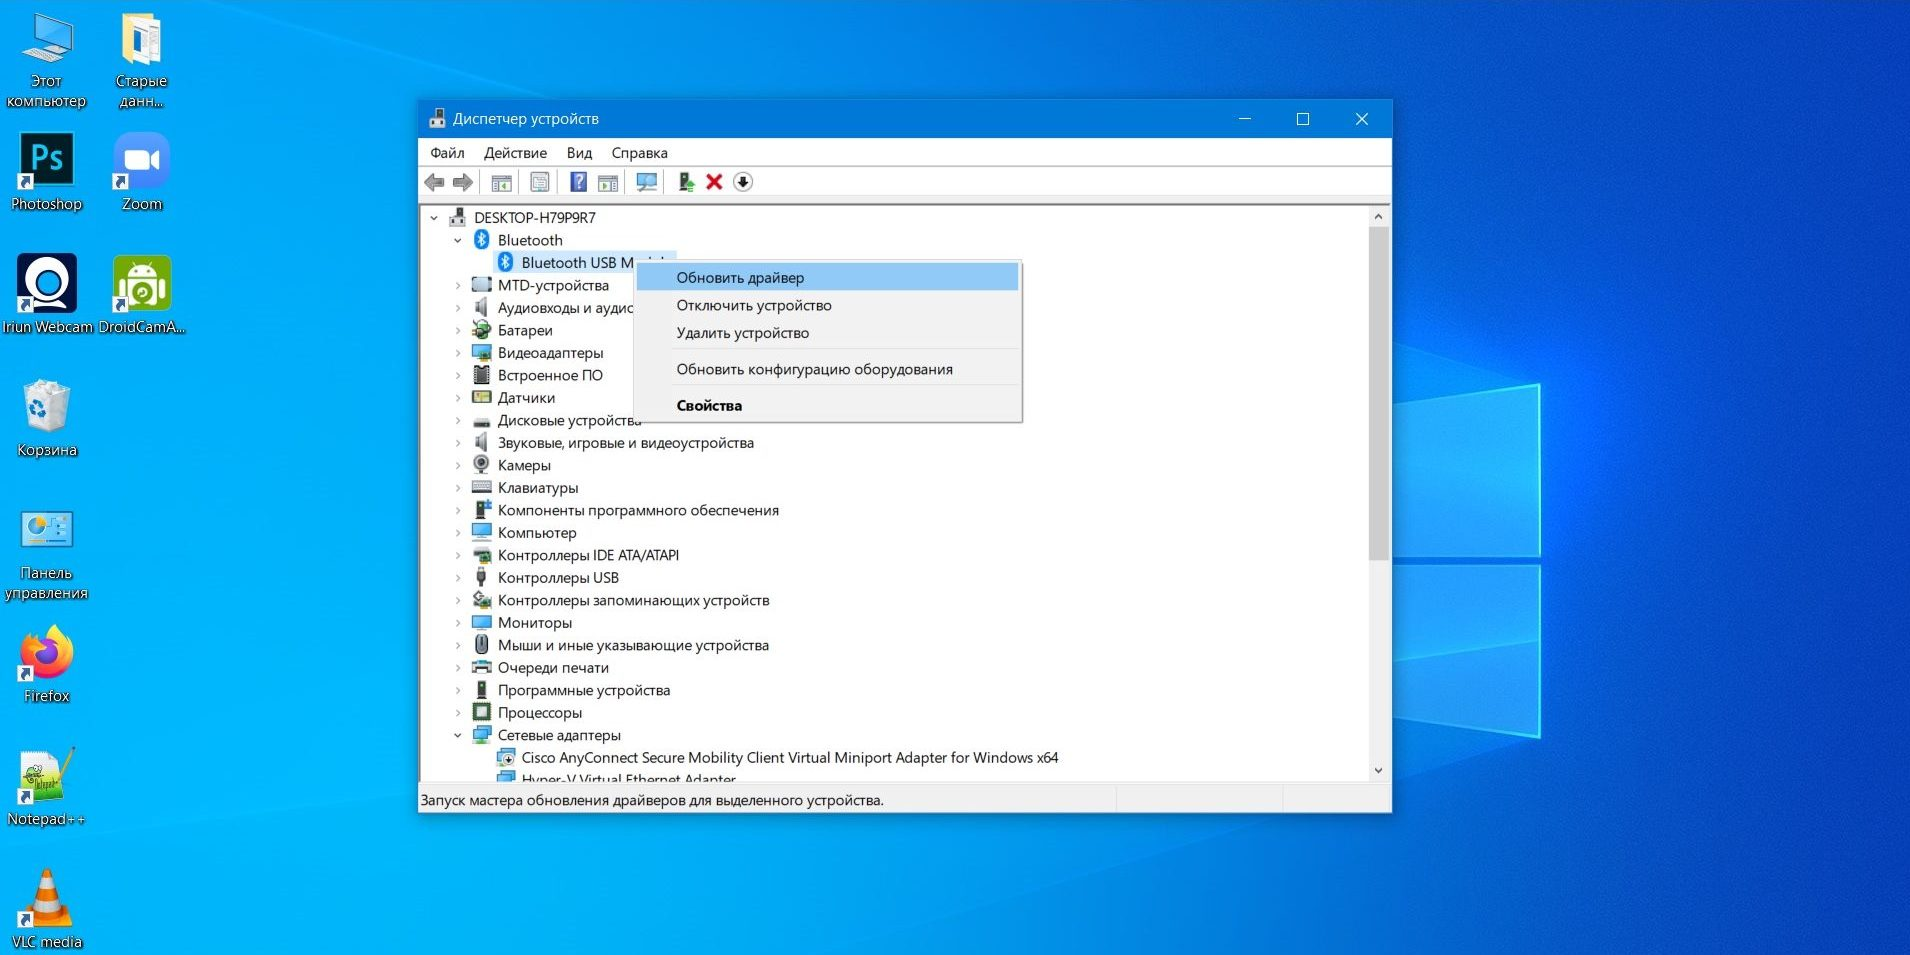 Как включить Bluetooth на ноутбуке с Windows: обновите или переустановите драйвер